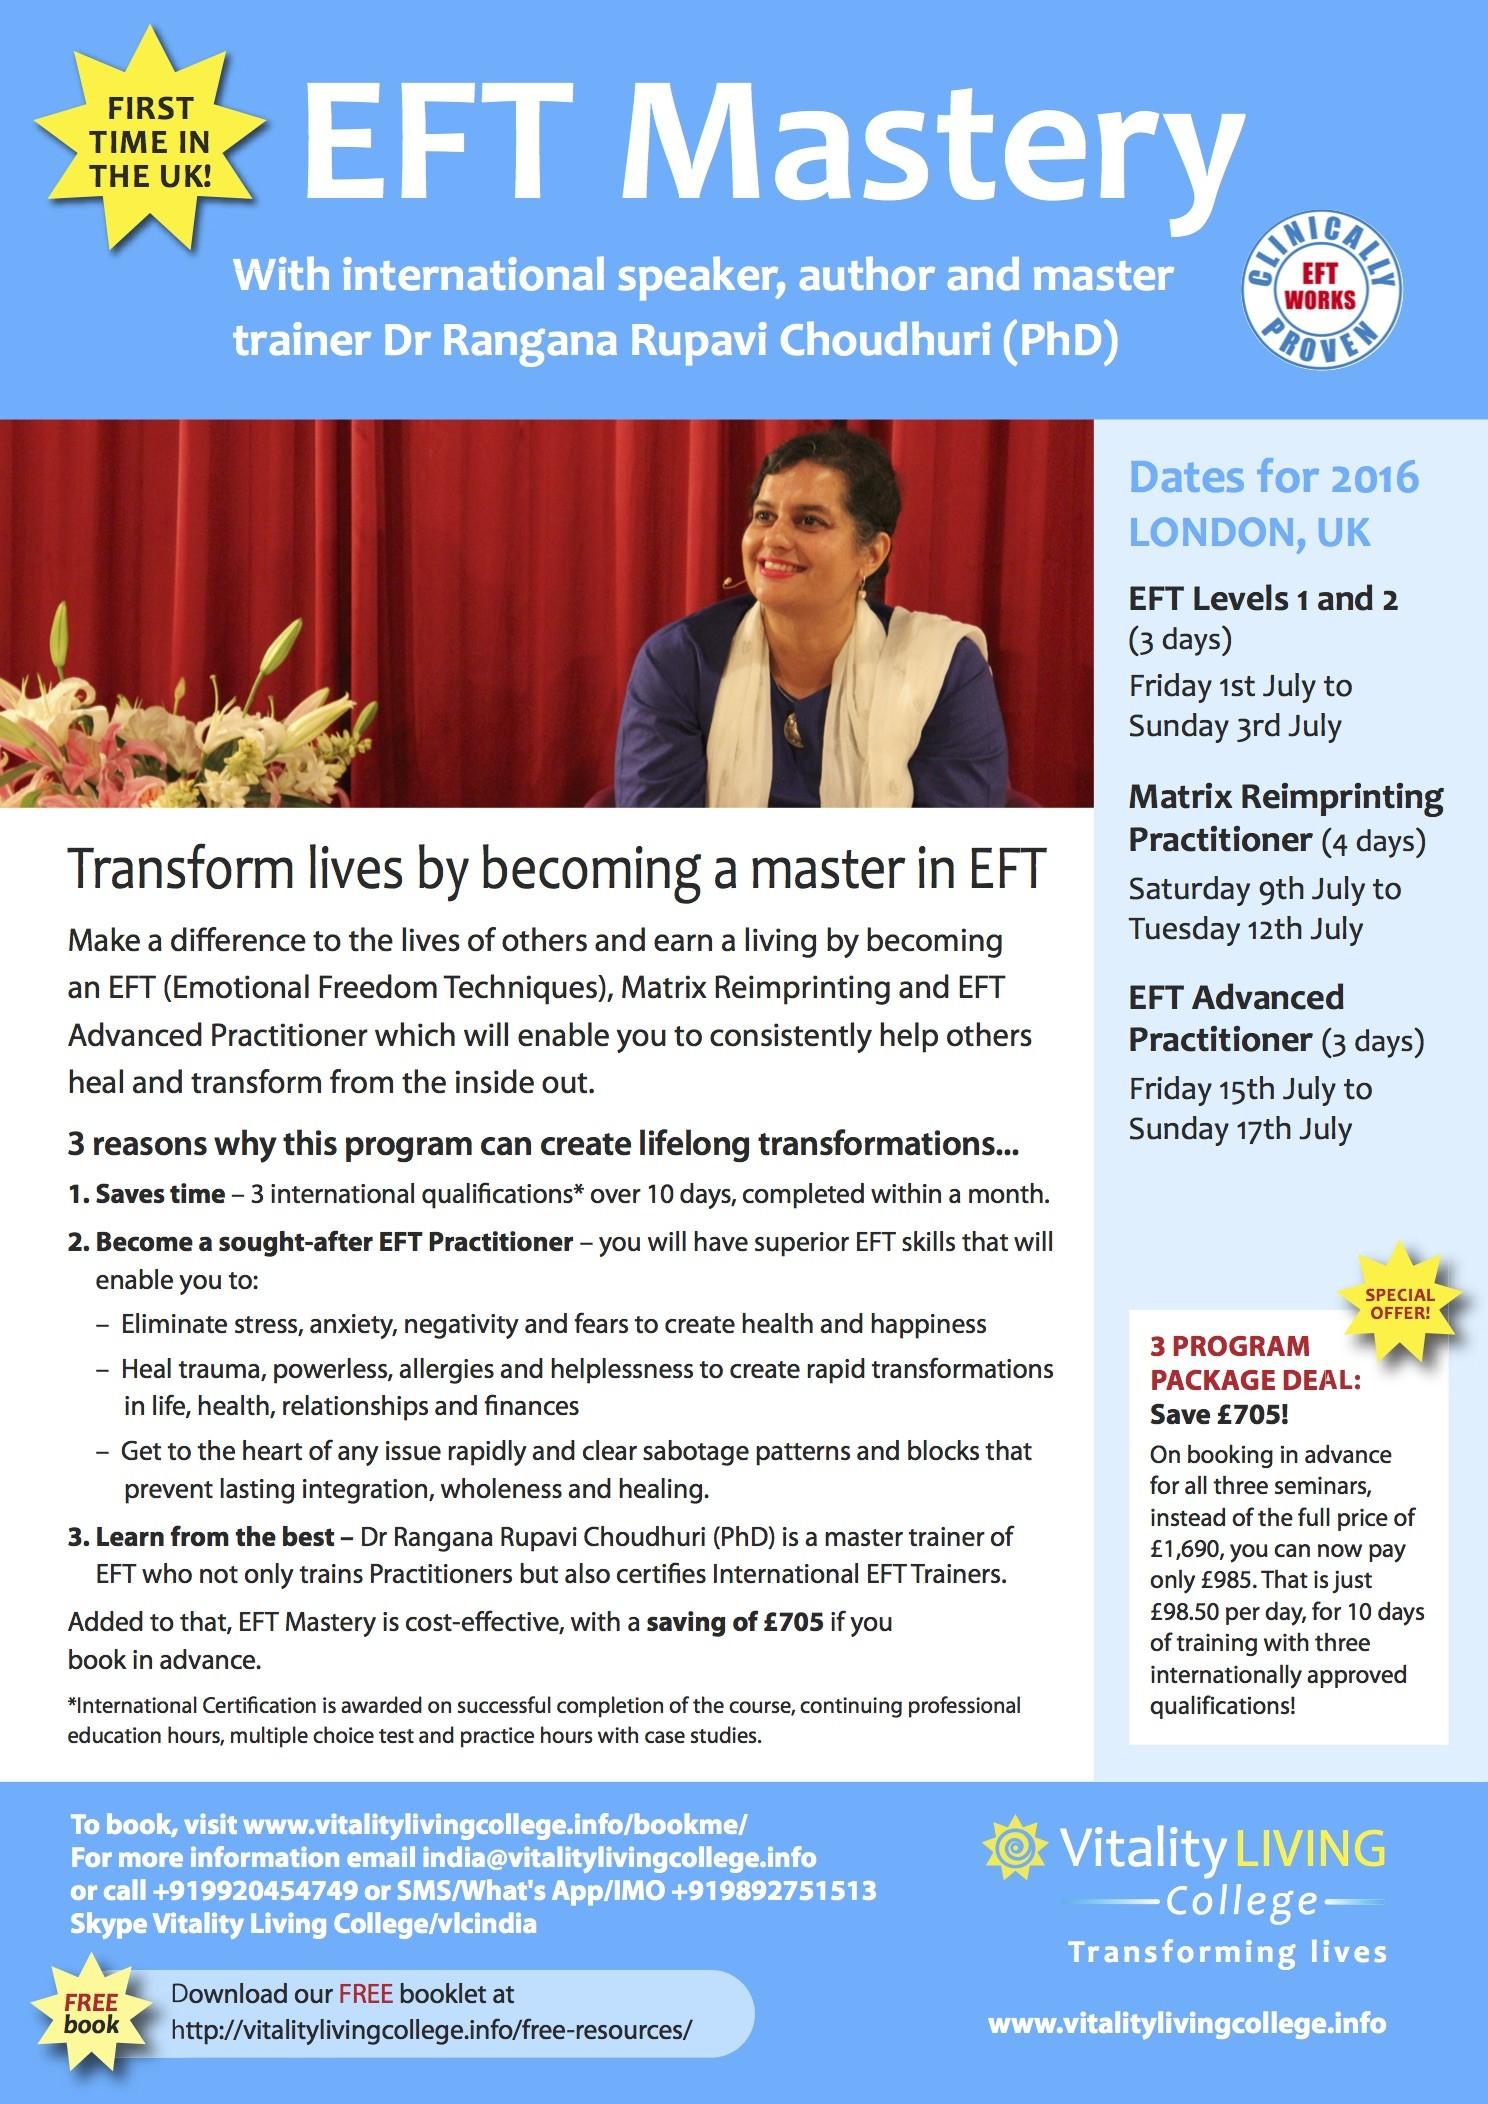 EFT mastery UK